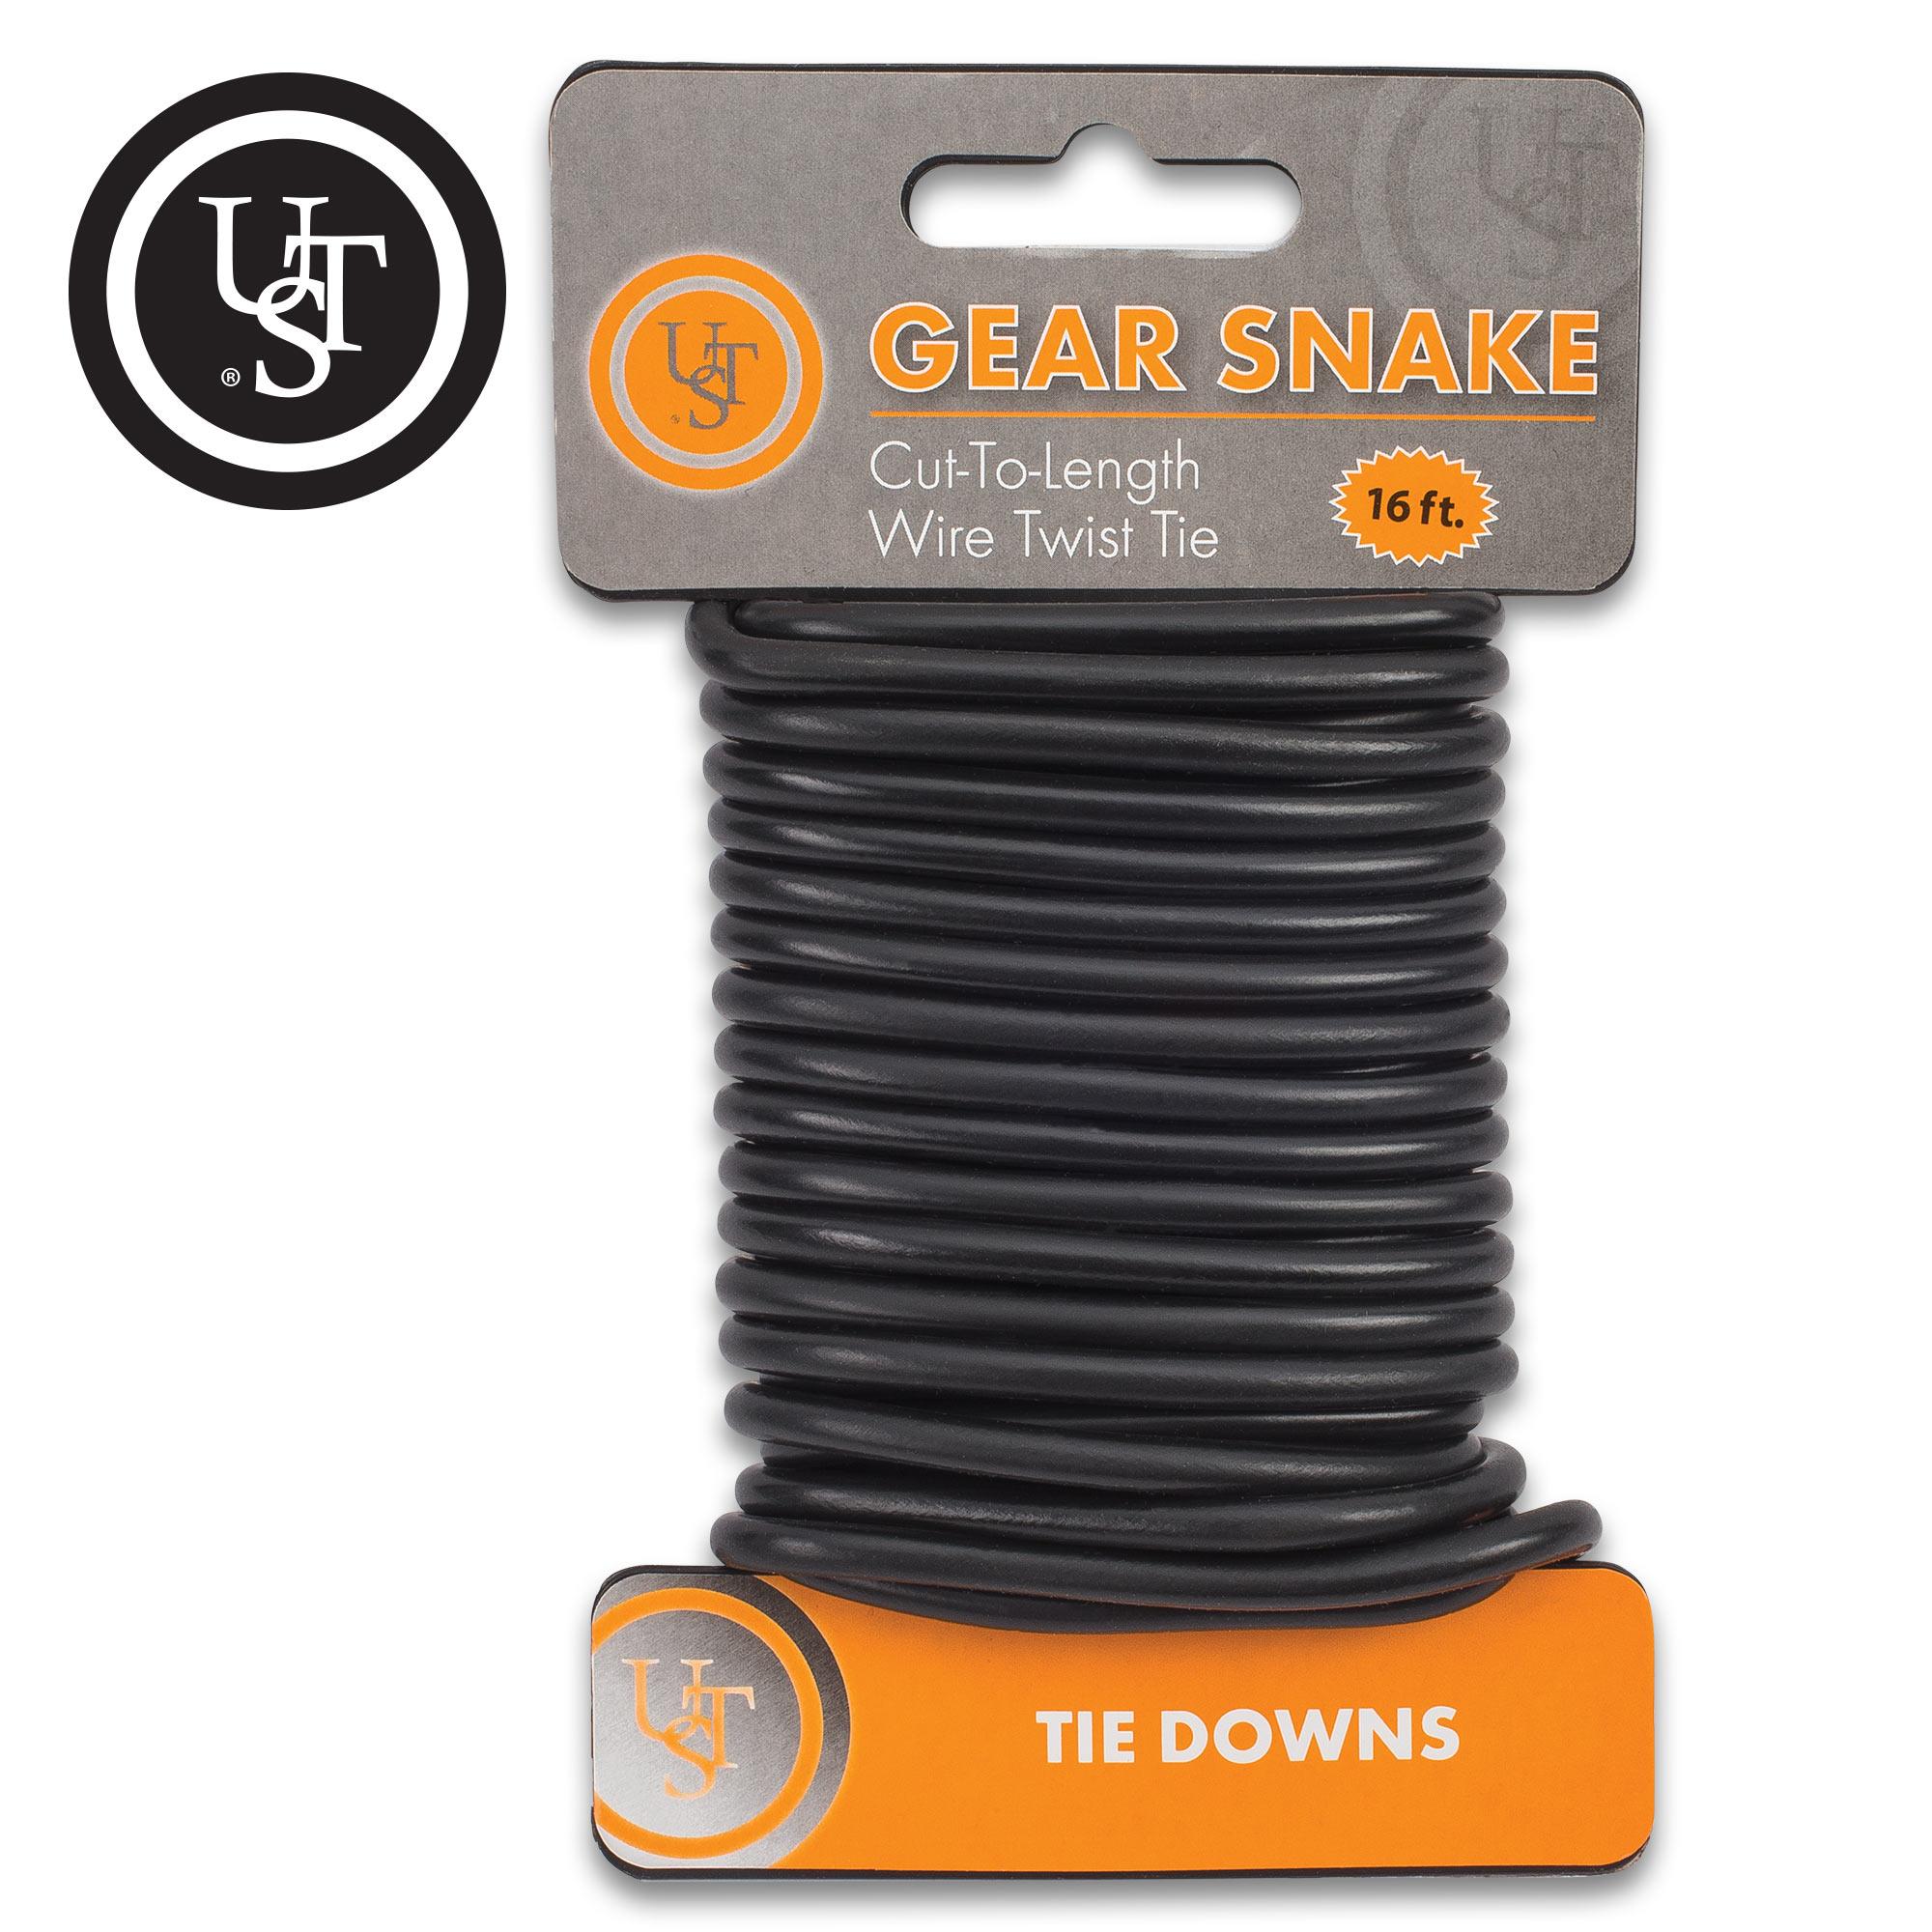 Ust Black Gear Snake Cord Steel Wire Flexible Rubber